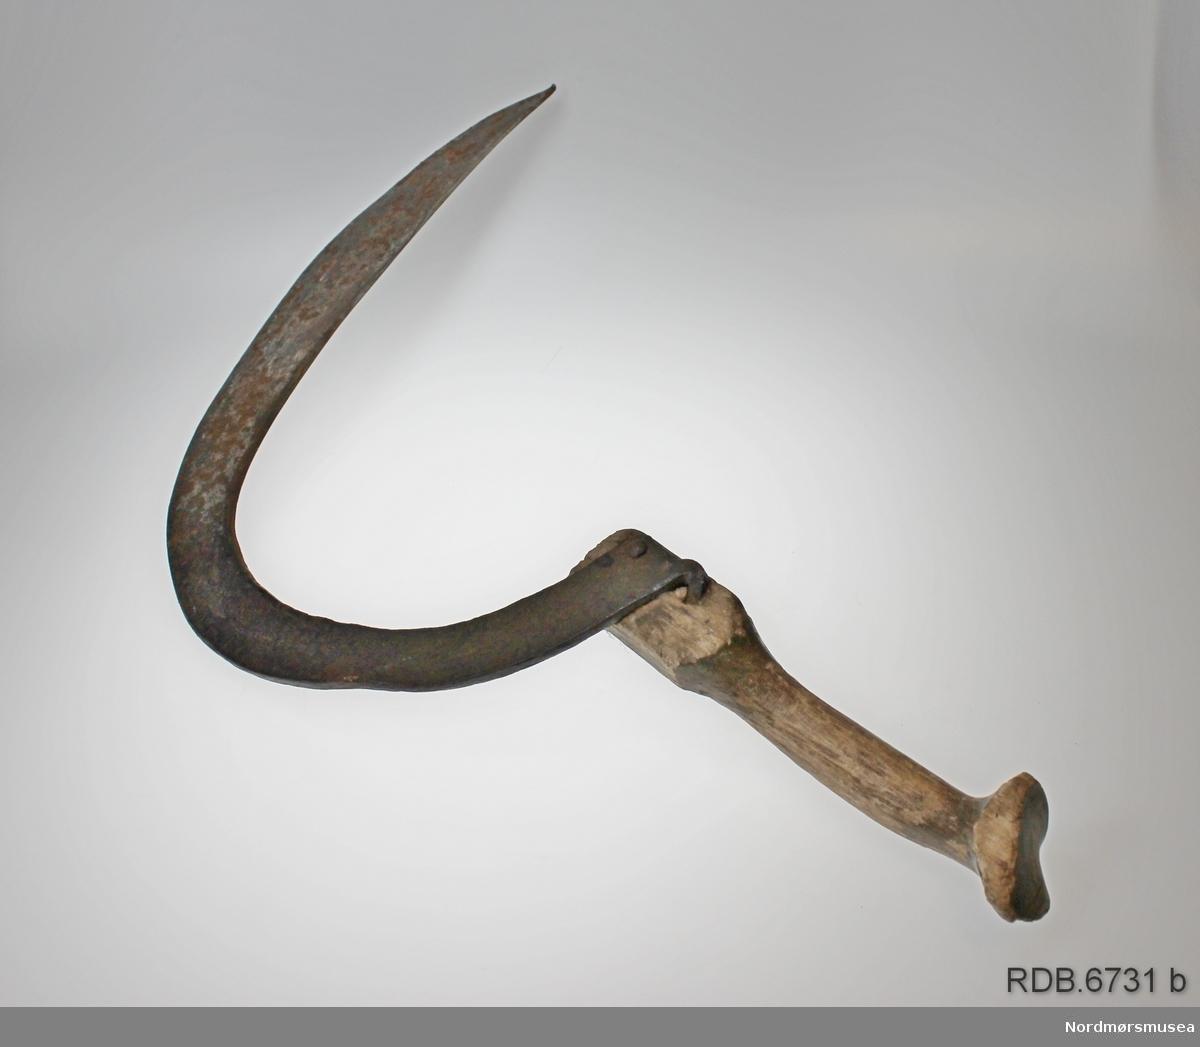 Hjemmesmidd sigd med treskaft. Halvmåneformet blad. I enden på sigdbladet er det laget en krok som er hamret inn i og festet til skaftet med en jernspiker.